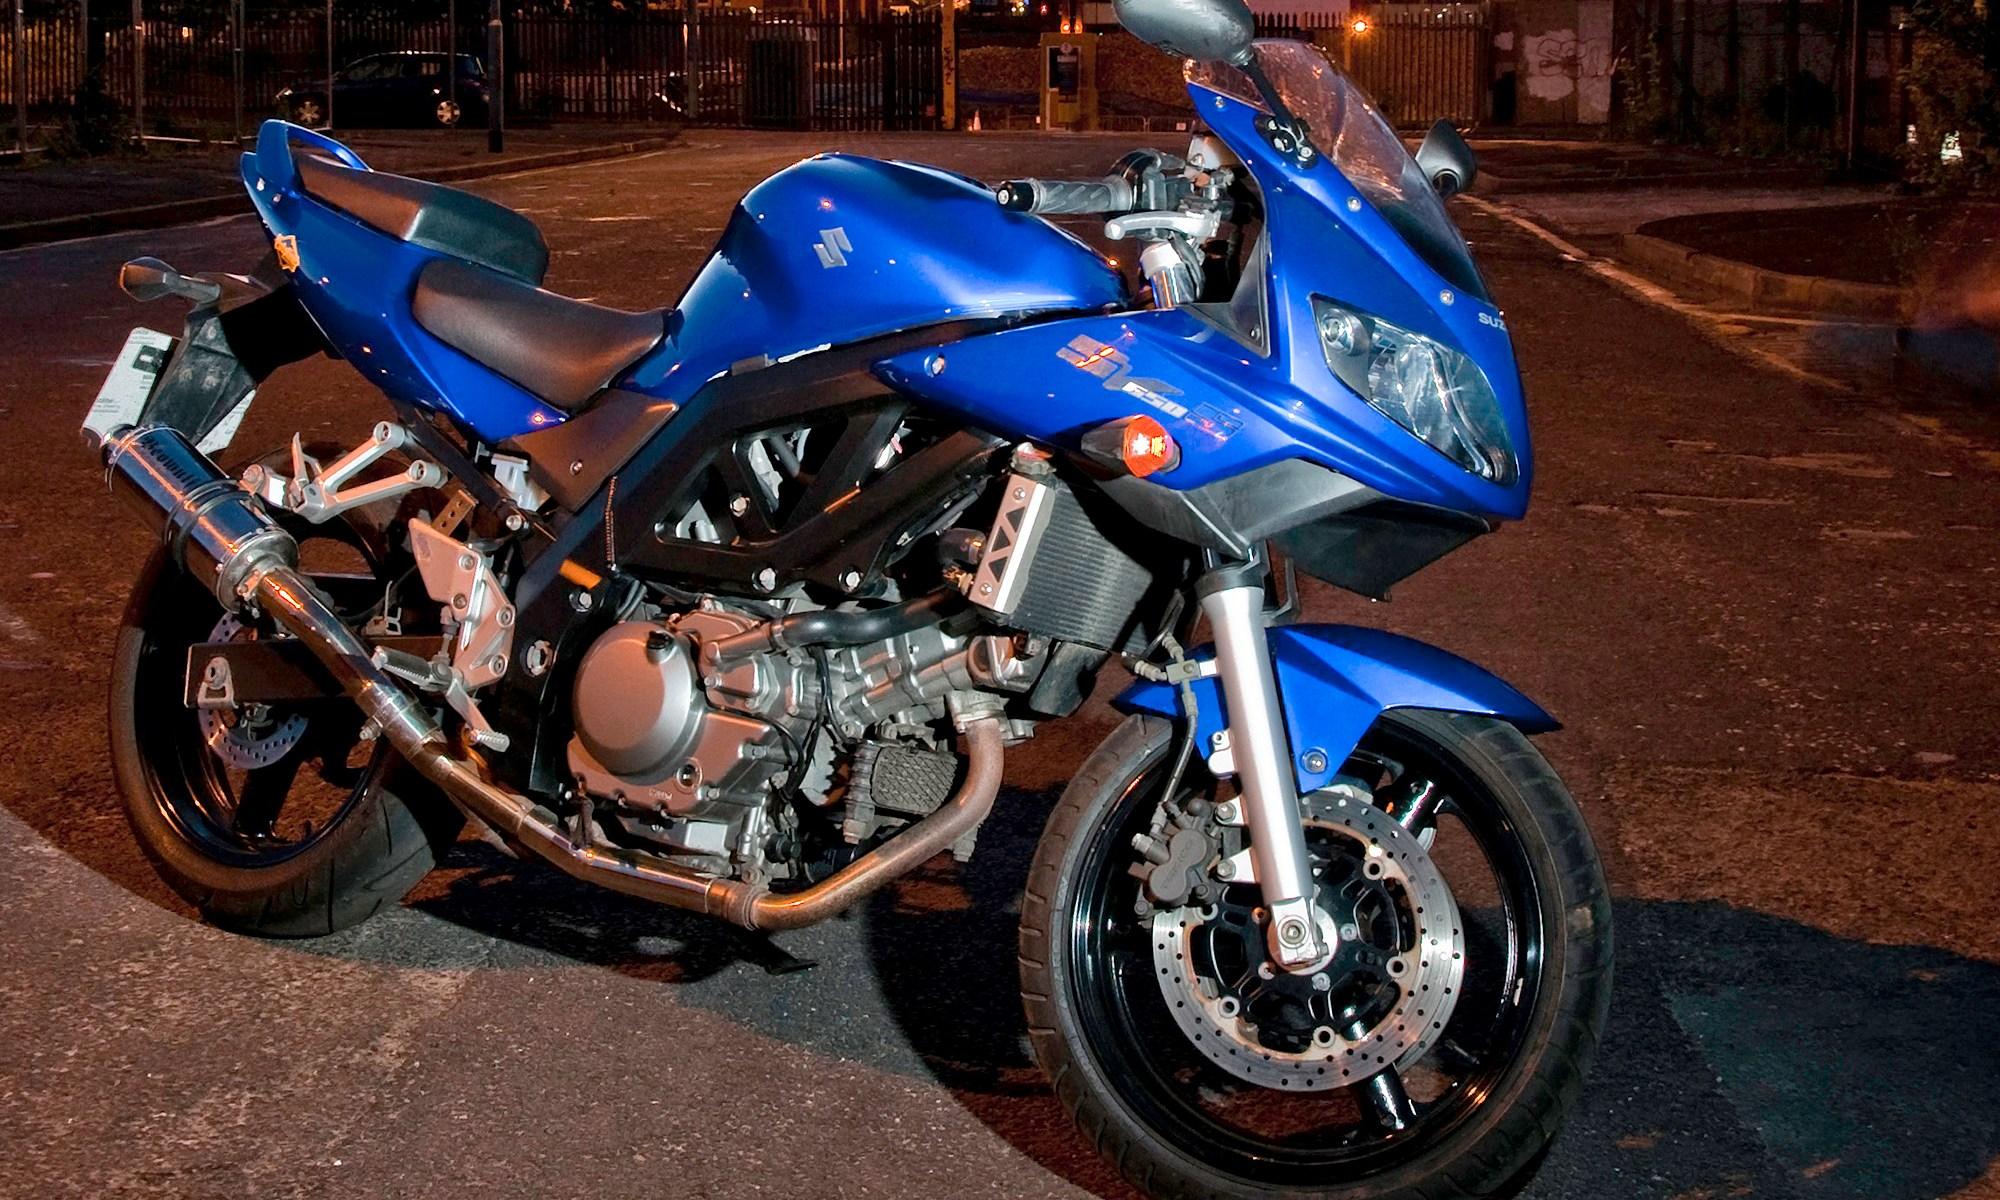 SV650s Motorbike at Night